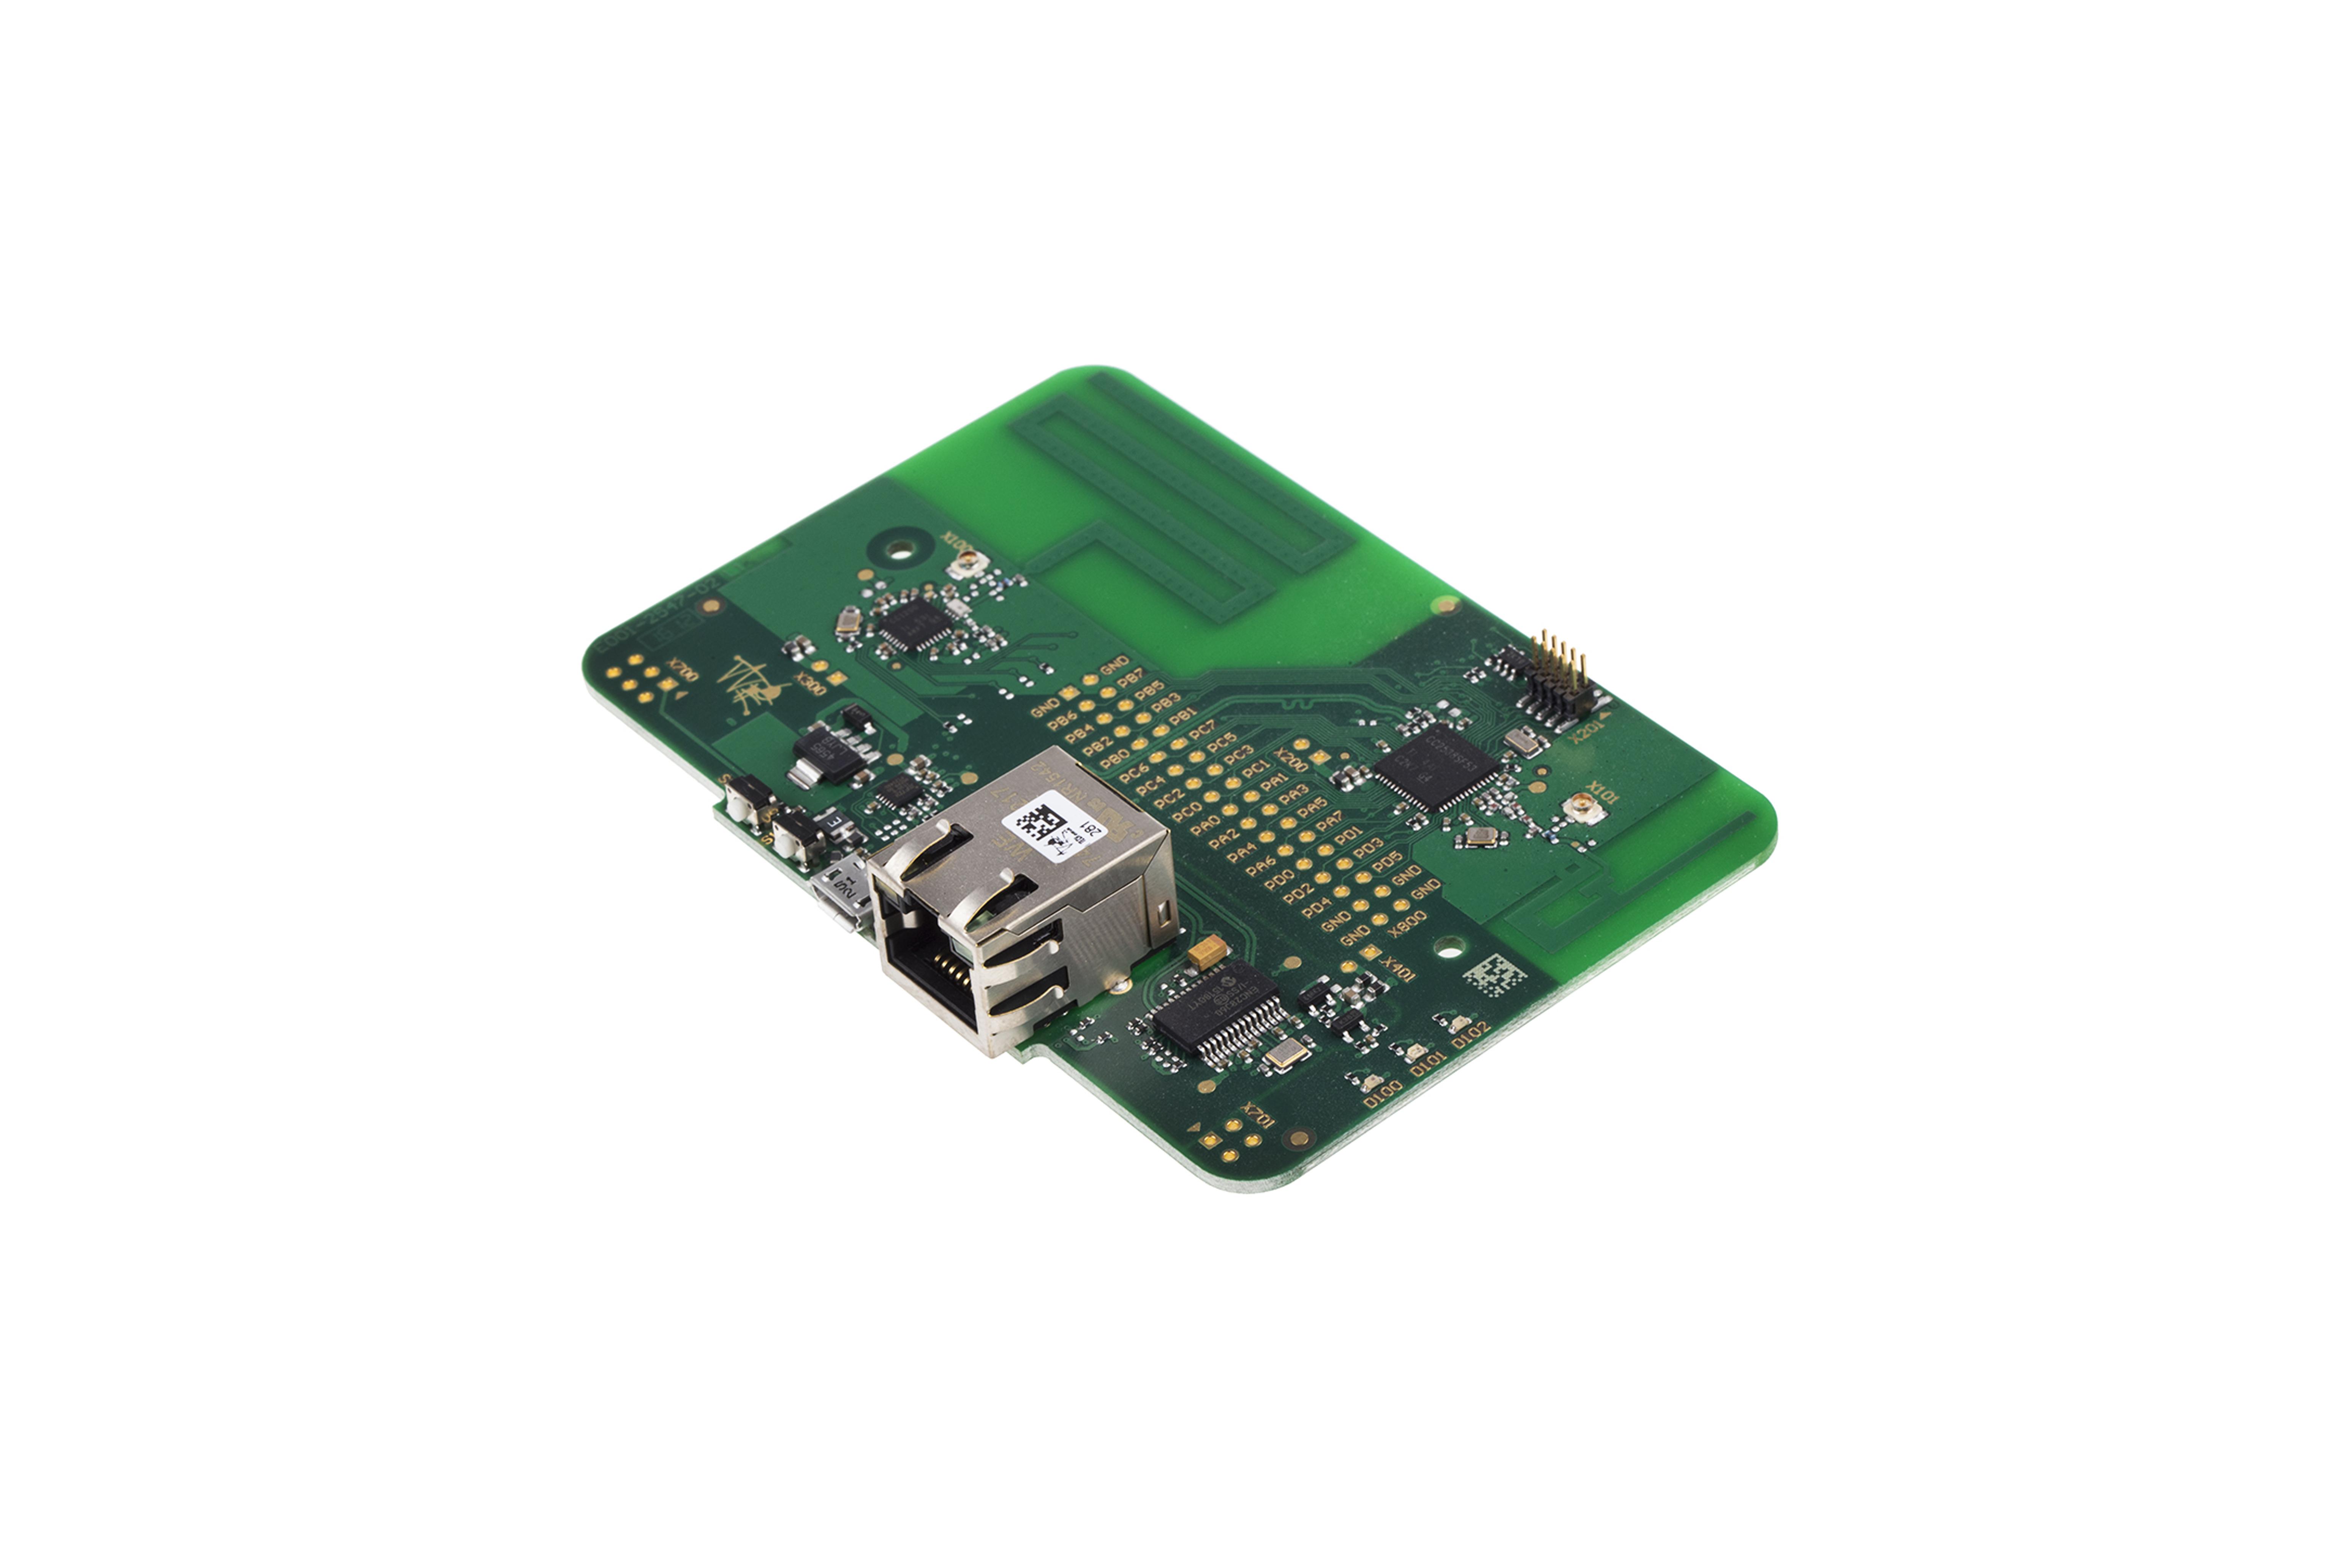 Weptech WEP-6LoWPAN-IoT-GW Gateway bare